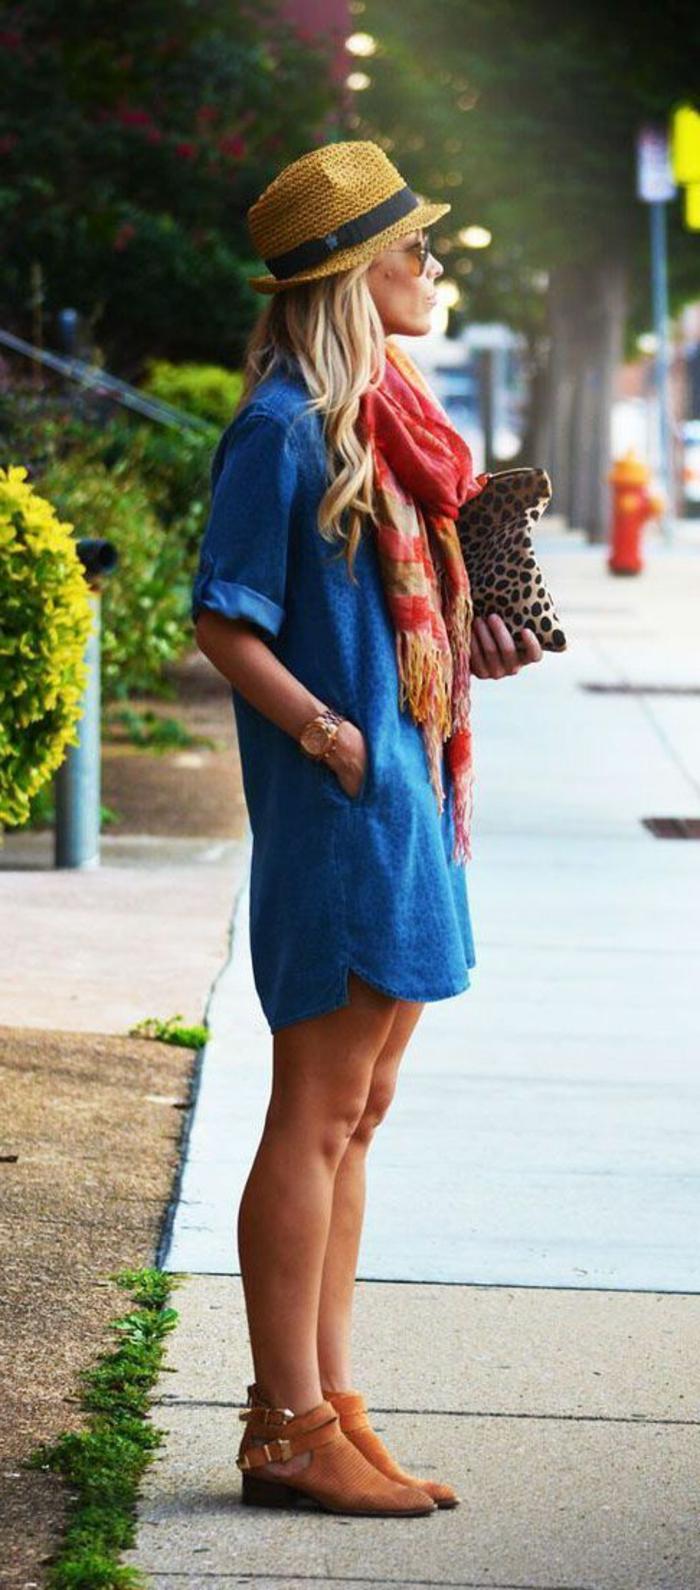 1-robe-d-été-femme-blonde-chapeua-paille-robe-chemise-lunettes-de-soleil